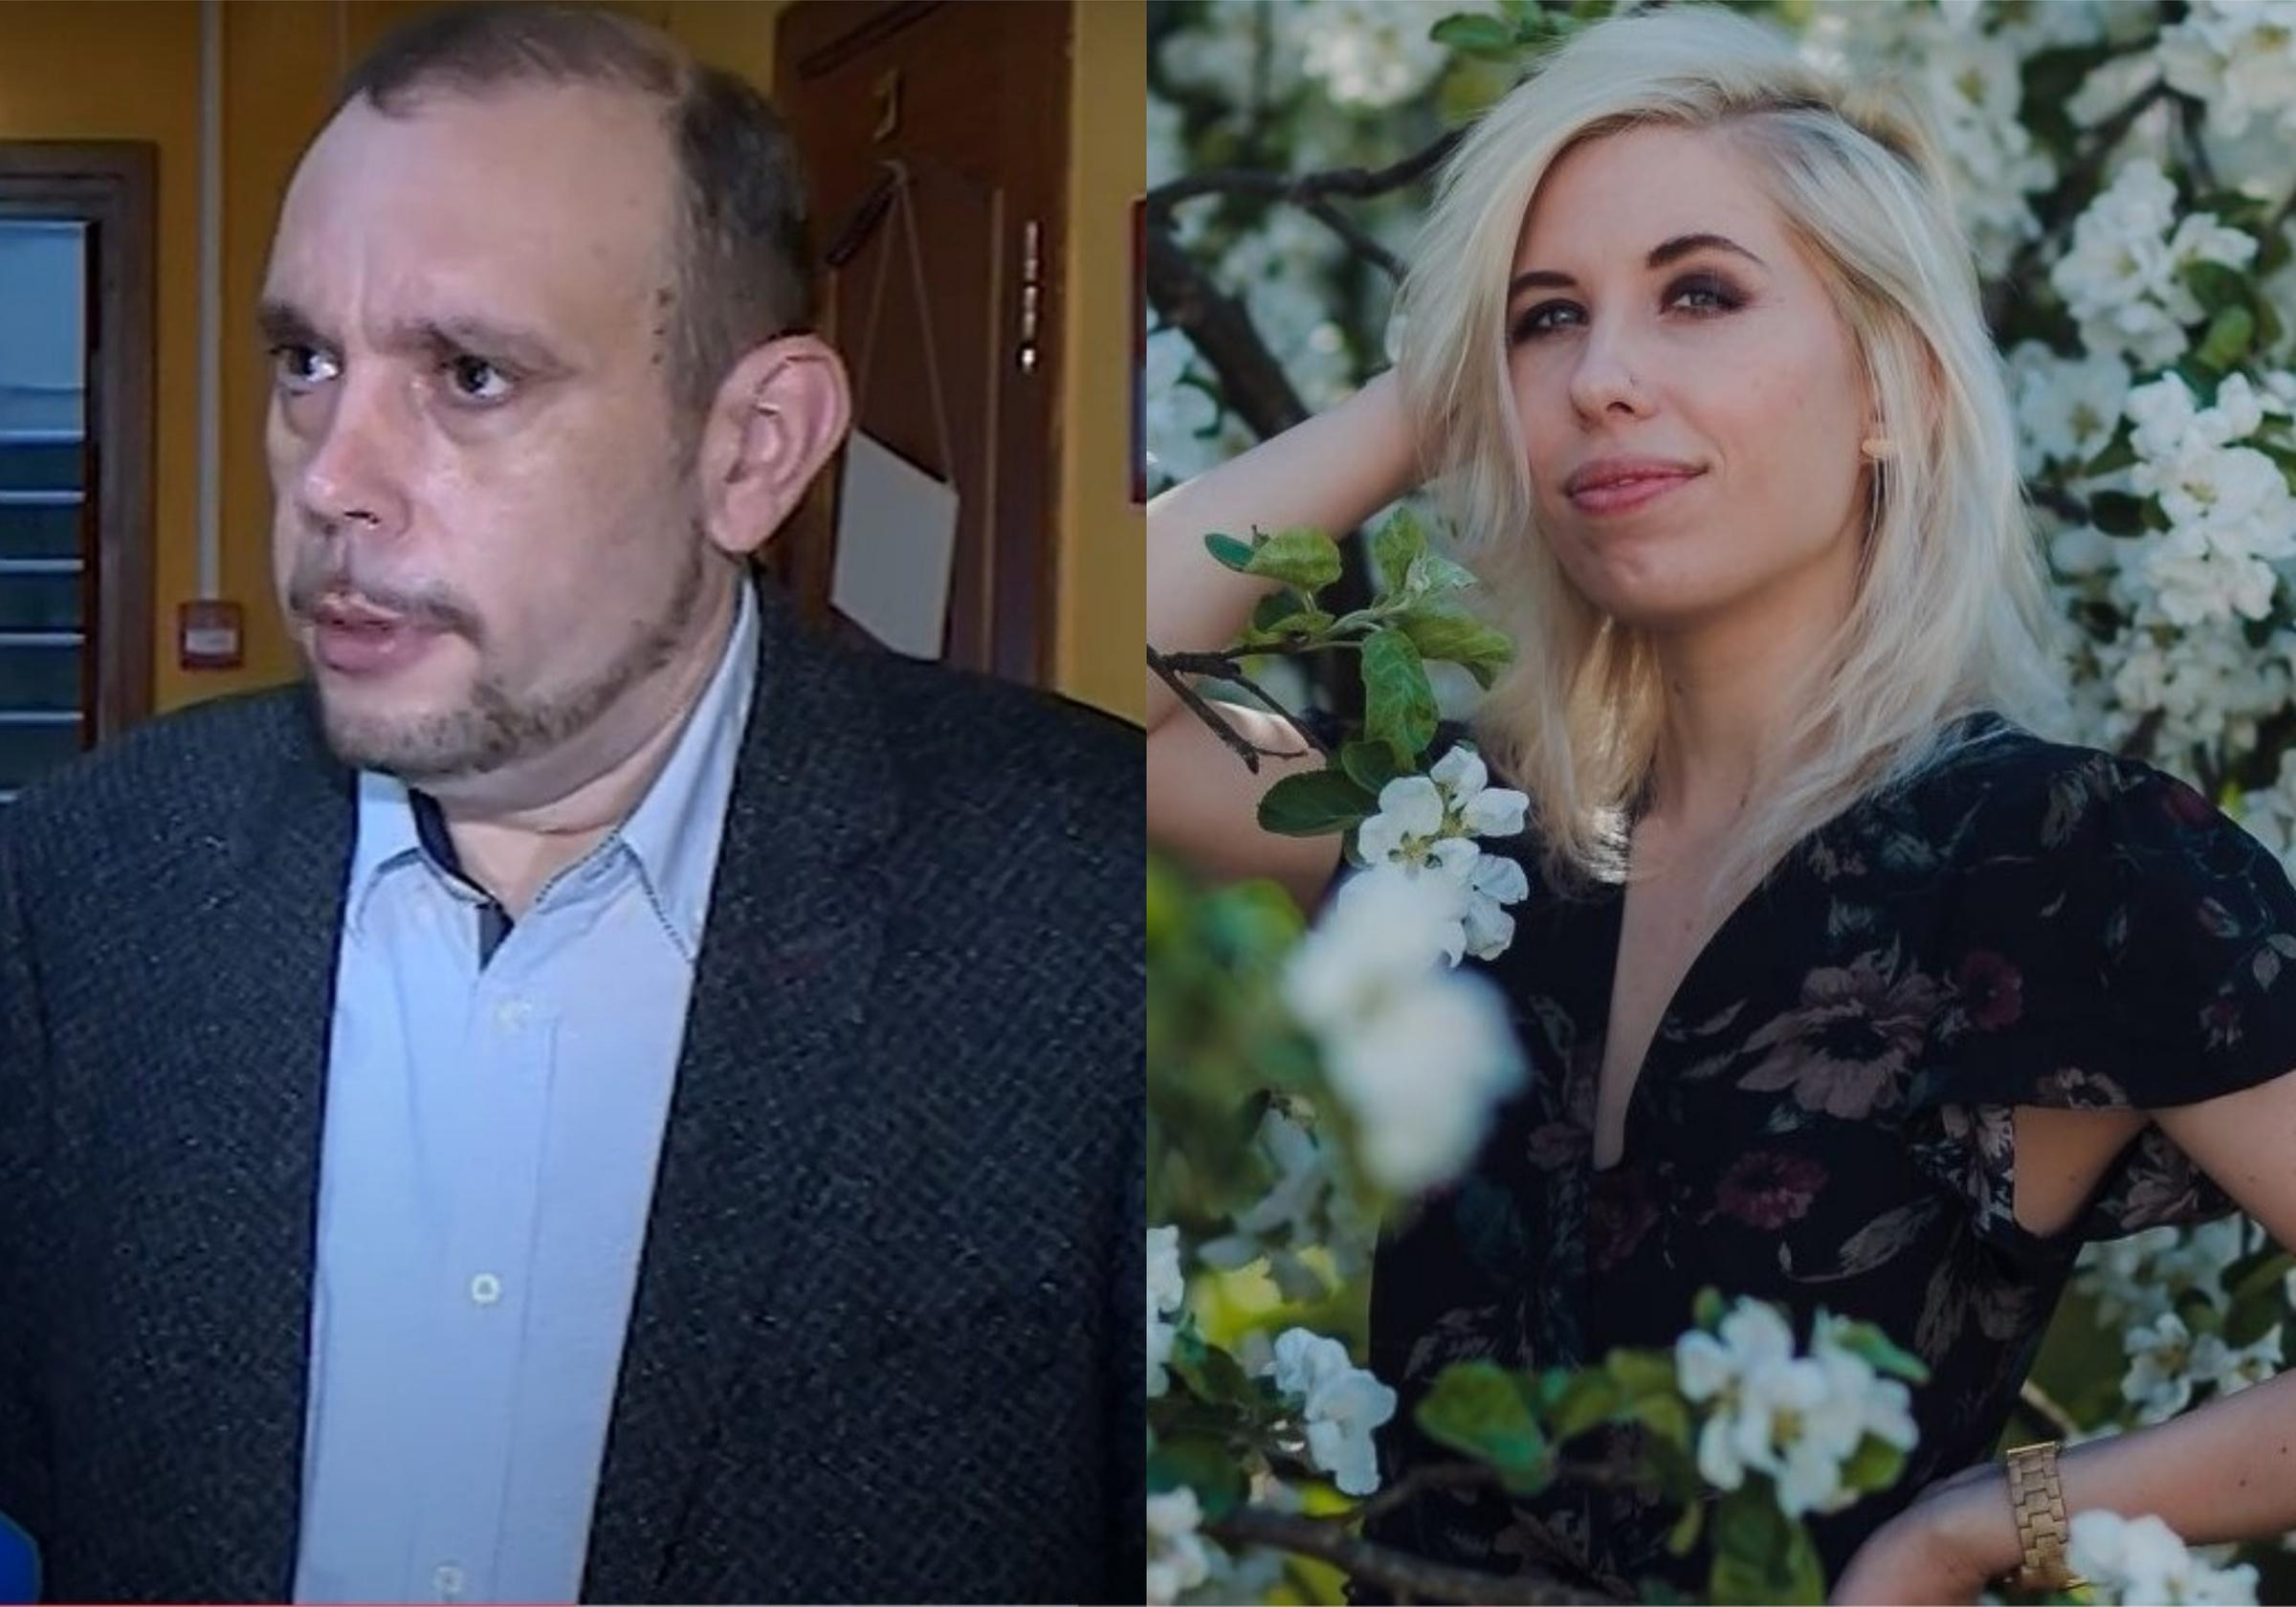 Фото © YouTube / NovgorodTVnews и Facebook / Алина Щеглова